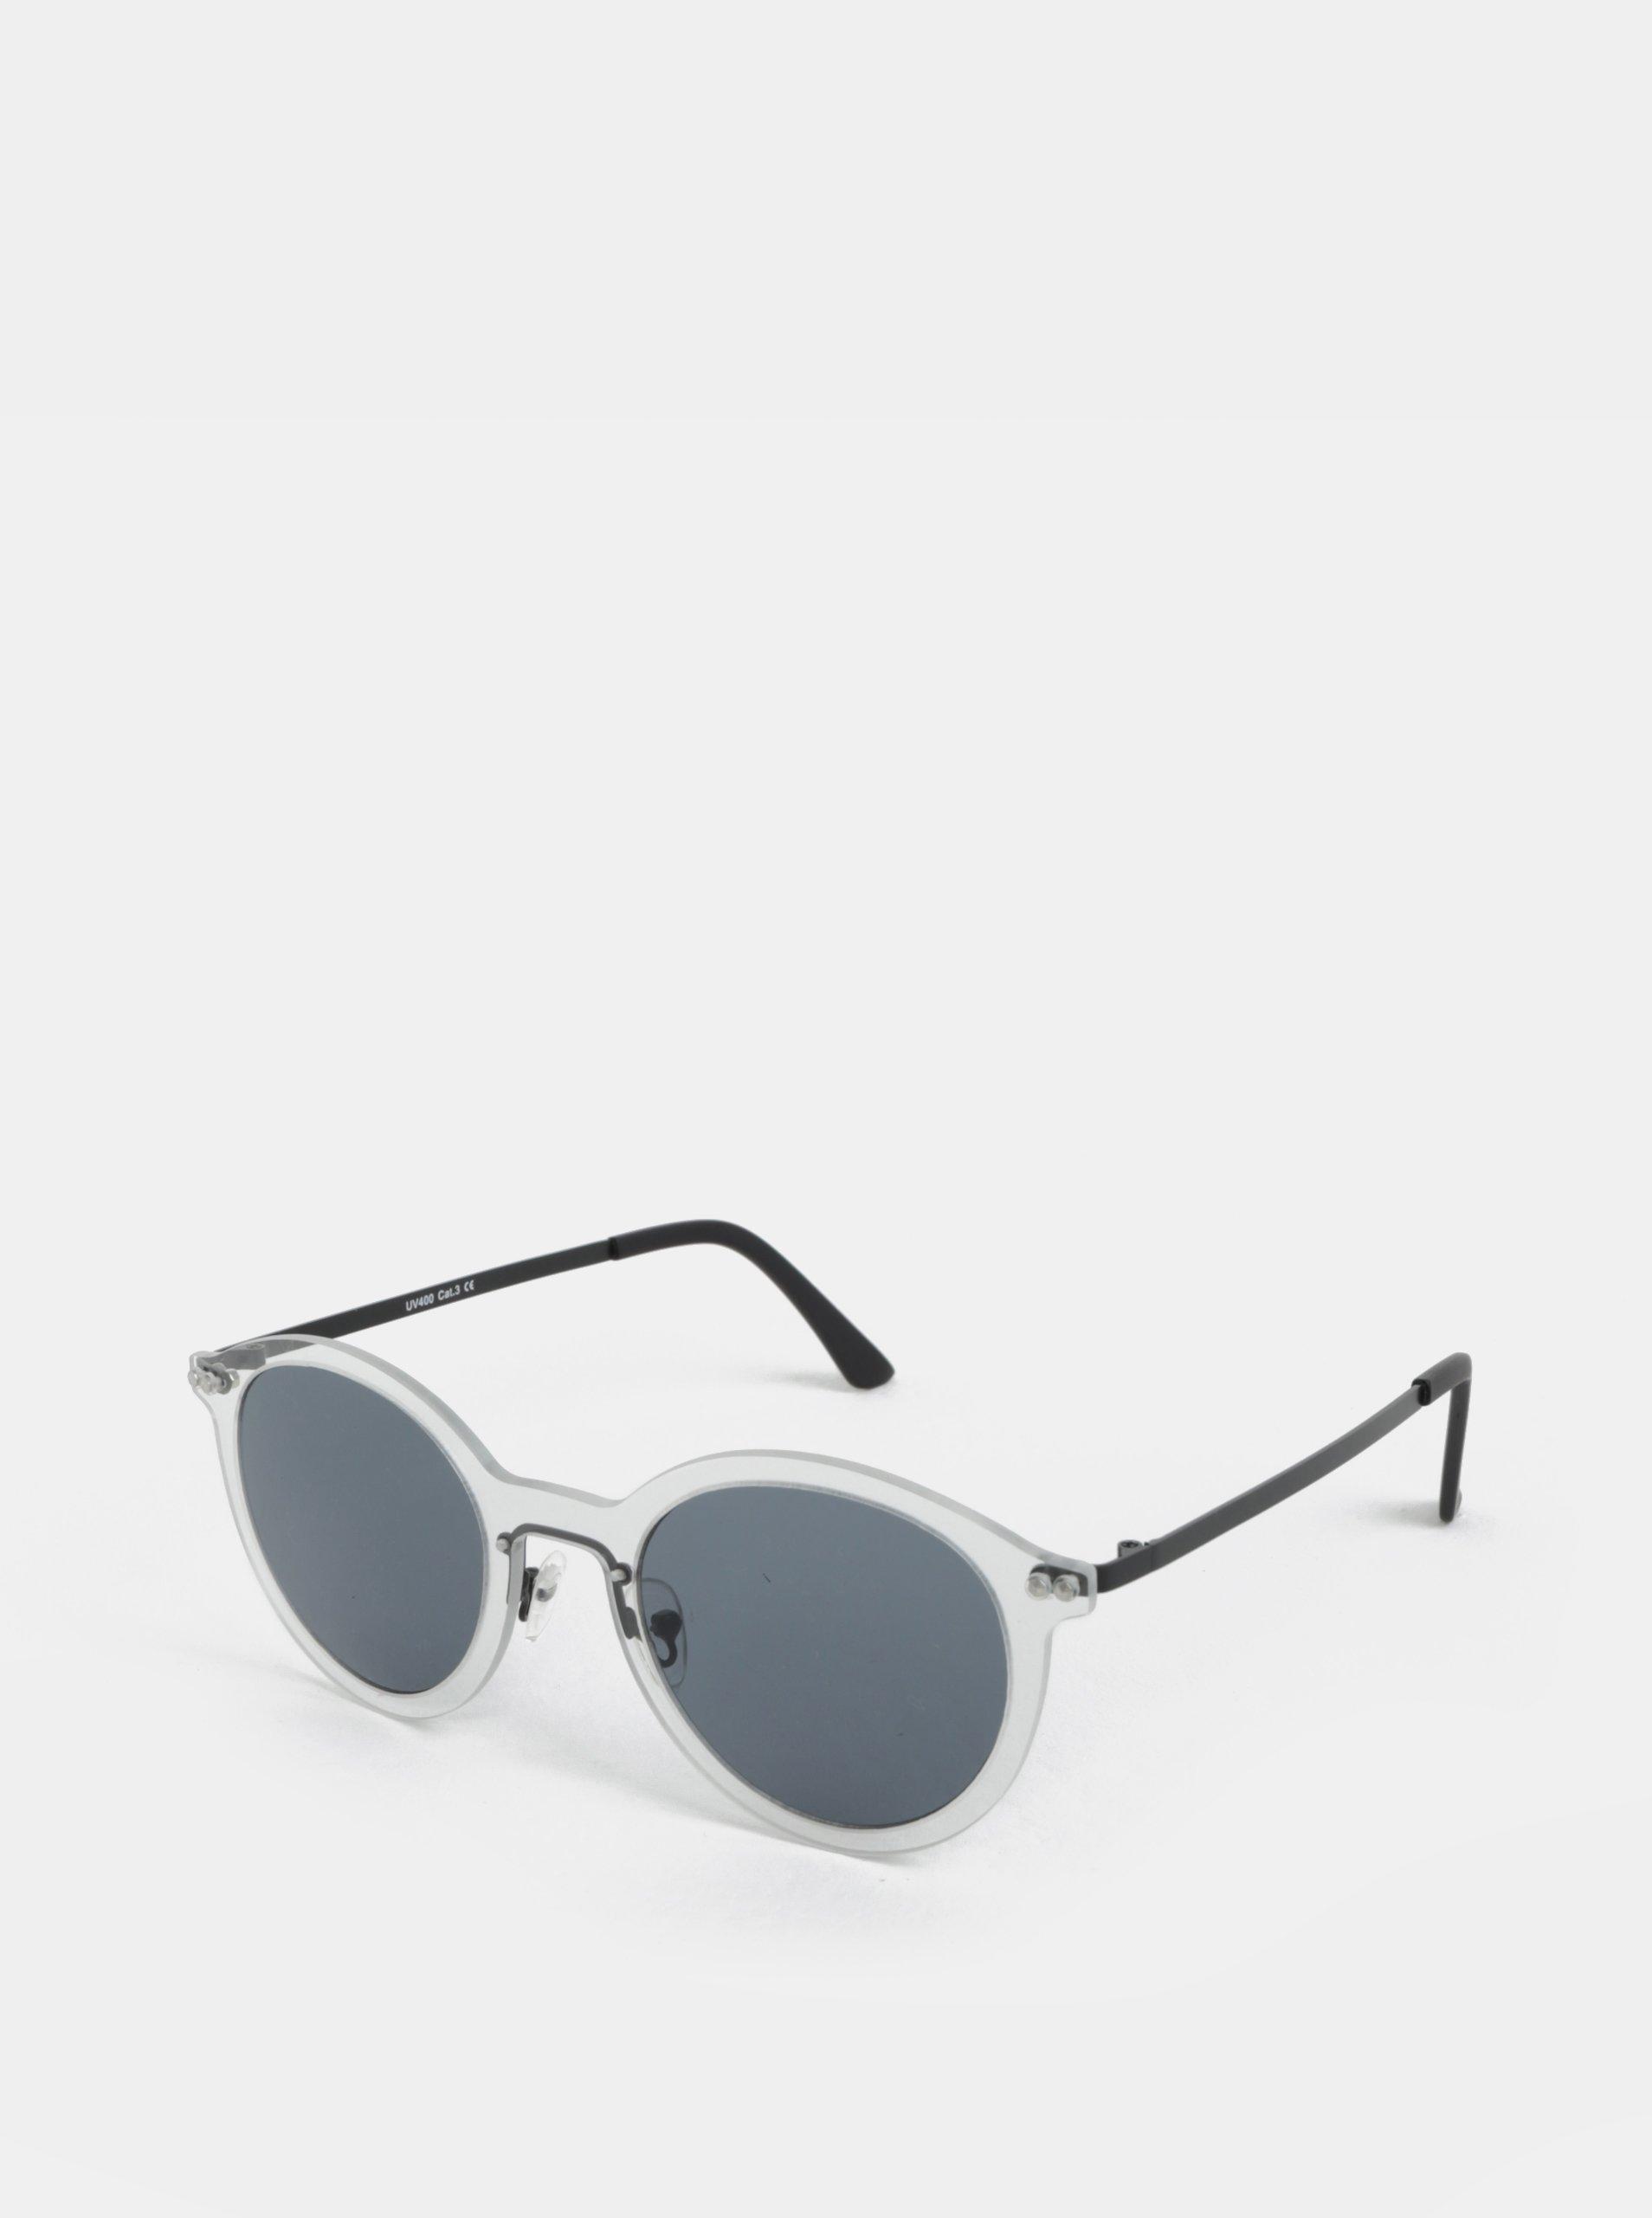 Transparentné slnečné okuliare ONLY   SONS Display 25bba08c141